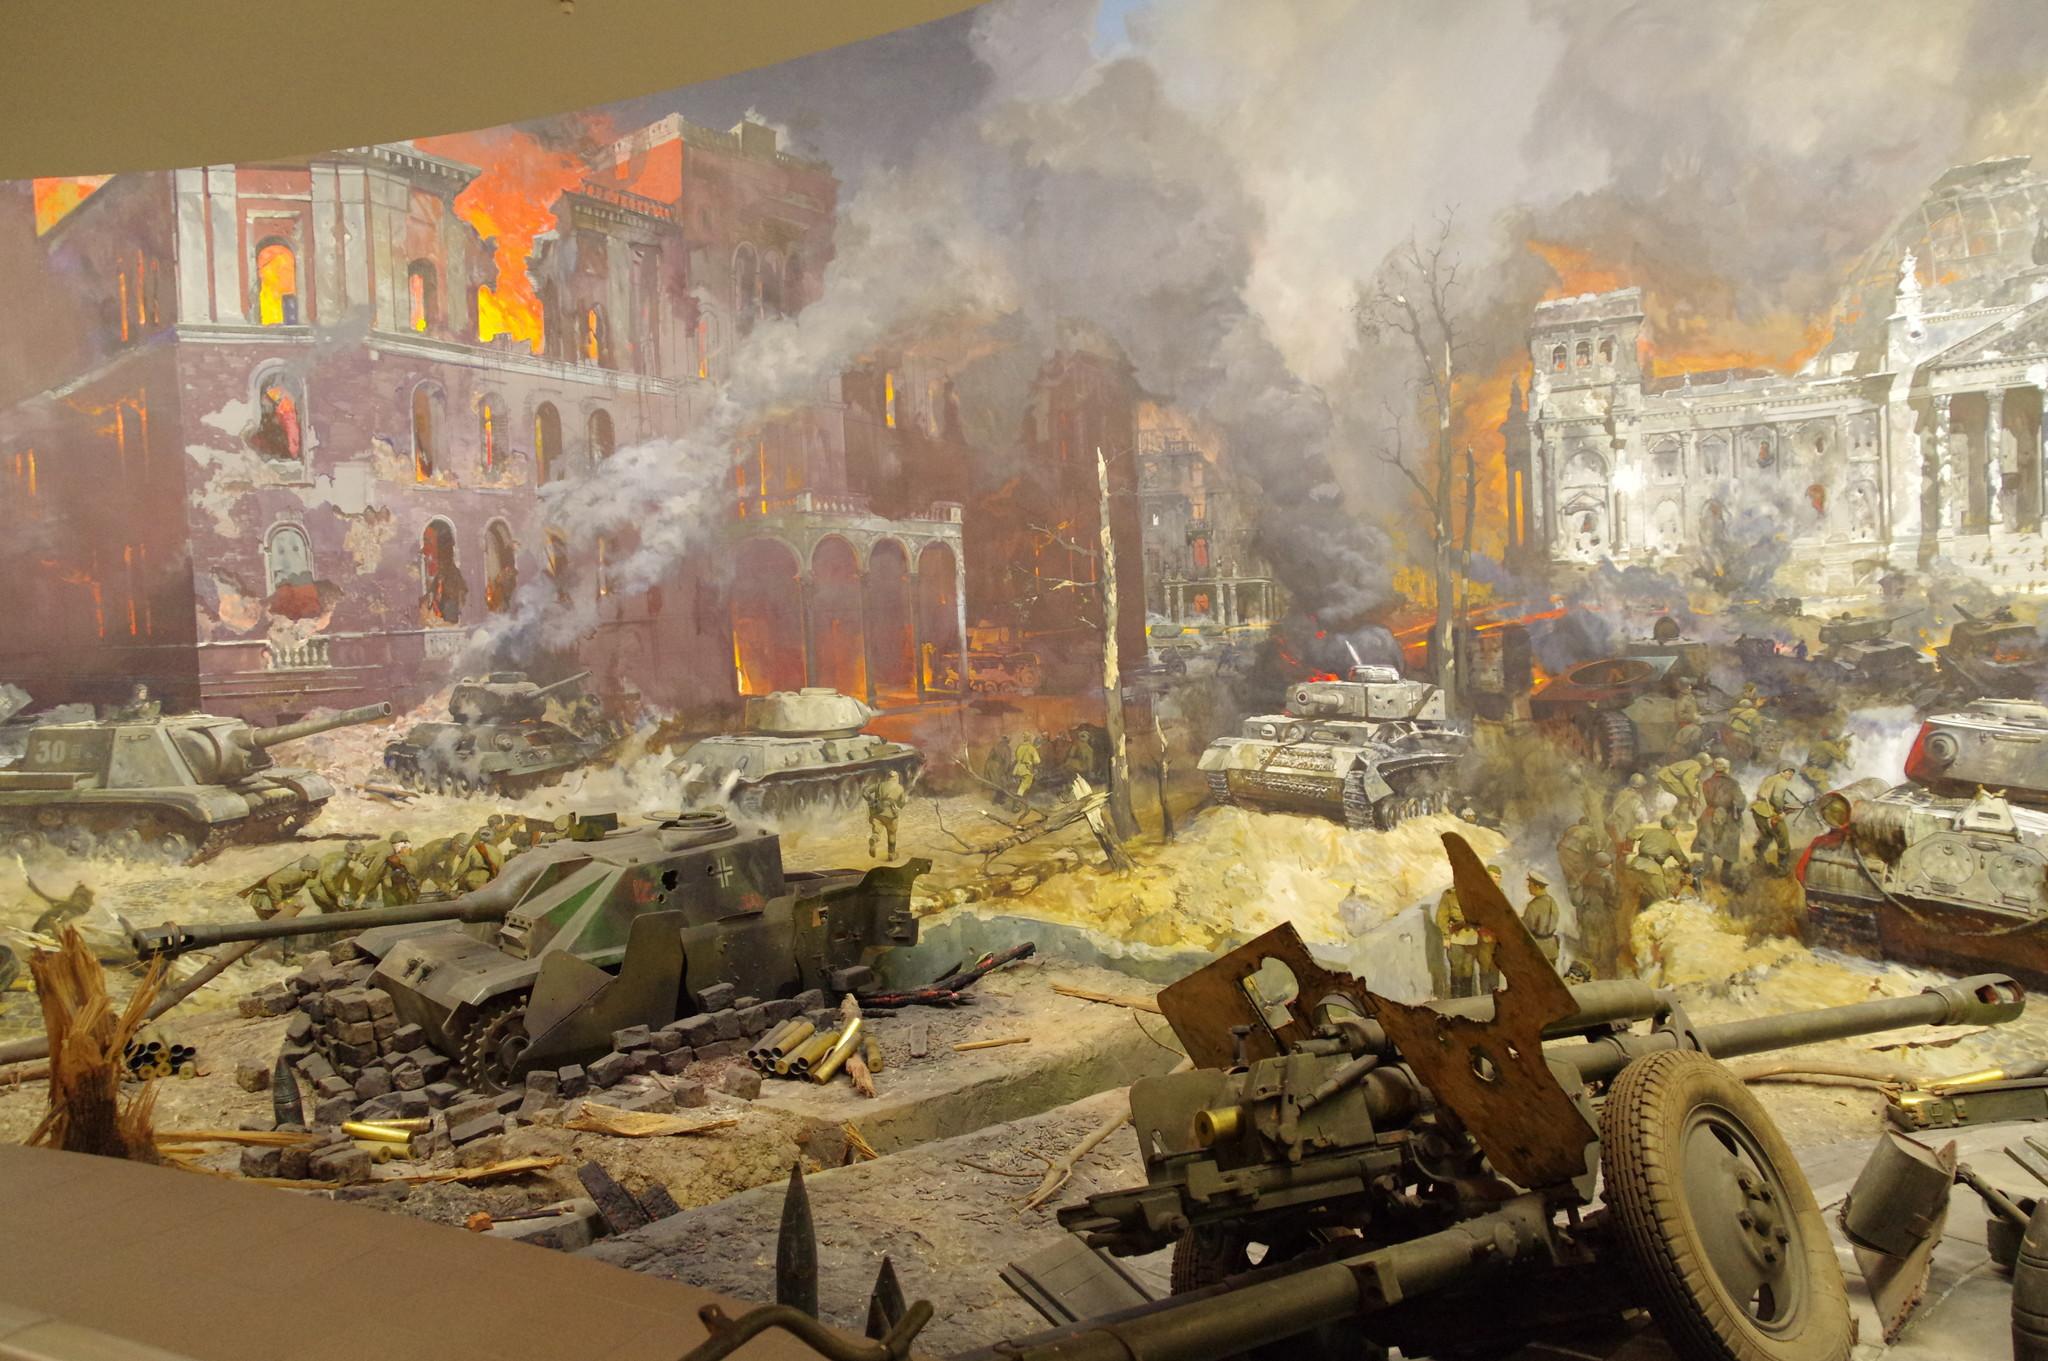 Жители Твери смогут увидеть диораму штурма Берлина онлайн